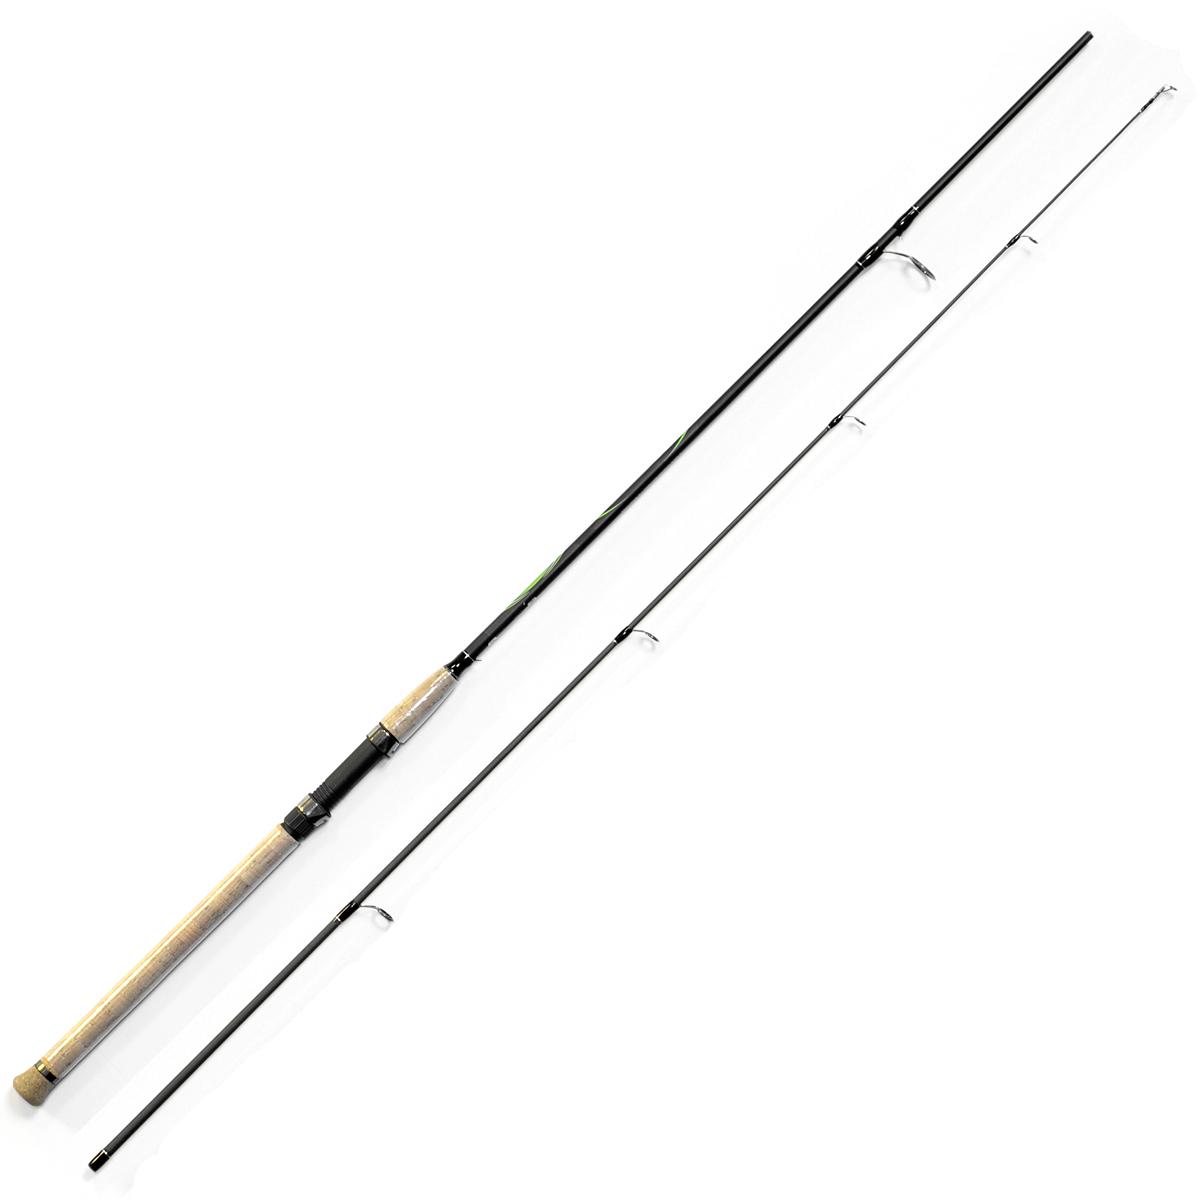 Спиннинг Salmo Sniper SPIN 20 2.70, длина 2,7м, 5-20г205-06271Универсальный спиннинг средне-быстрого строя для ловли на различные приманки, изготовленный из композита. Бланк спиннинга укомплектован облегченными кольцами, на высоких ножках со вставками SIC и элегантной рукояткой с пробковым покрытием и облегченным буфером на торце. Соединение колен спиннинга по типу OVER STEEK. Все спиннинги имеют один тест: 5–20 г.- Материал бланка удилища - композит- Строй бланка средне-быстрый- Класс спиннинга ML- Конструкция штекерная- Соединение колен типа OVER STEEK- Кольца пропускные:– облегченные большое– со вставками SIC– с расстановкой по классической концепции- Рукоятка:– пробковая- Катушкодержатель:– винтового типа- Проволочная петля для закрепления приманок